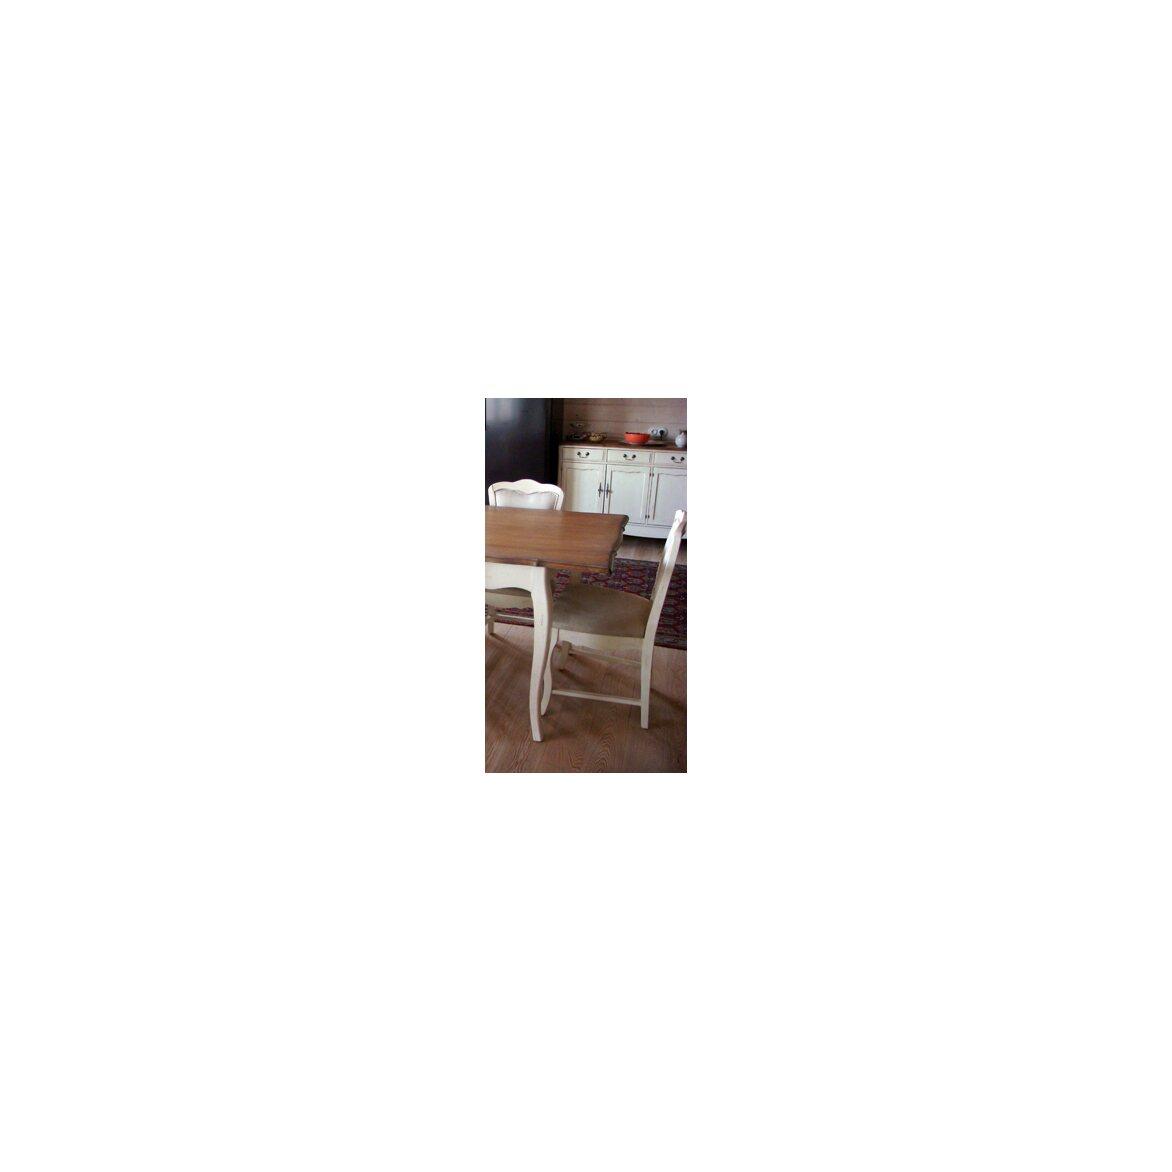 Обеденный стол раскладной Leontina, бежевого цвета 3   Обеденные столы Kingsby